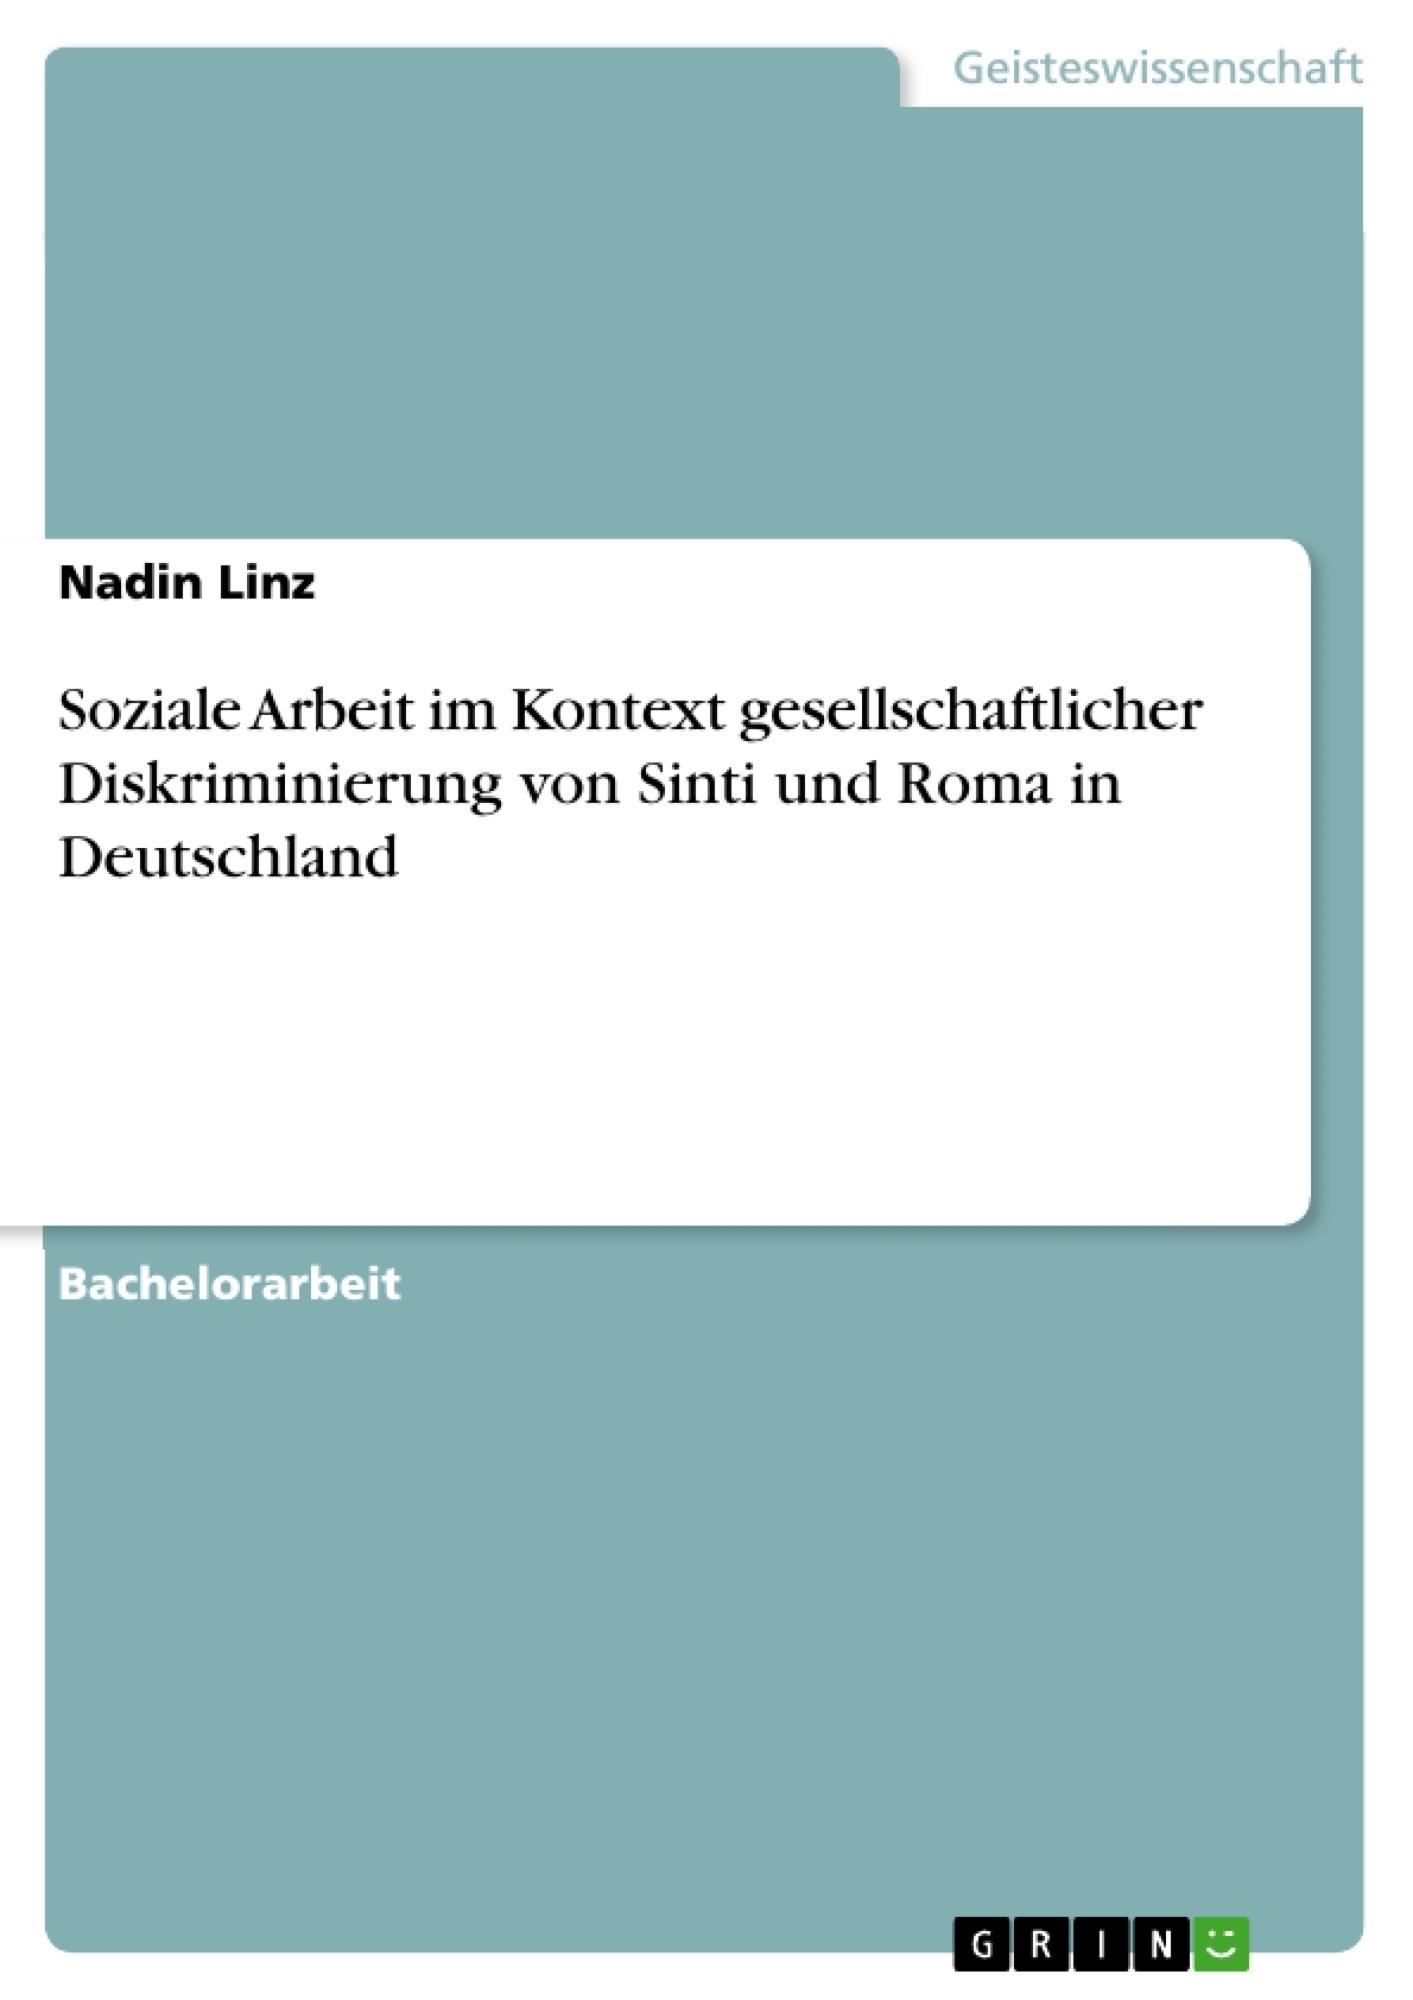 Titel: Soziale Arbeit im Kontext gesellschaftlicher Diskriminierung von Sinti und Roma in Deutschland